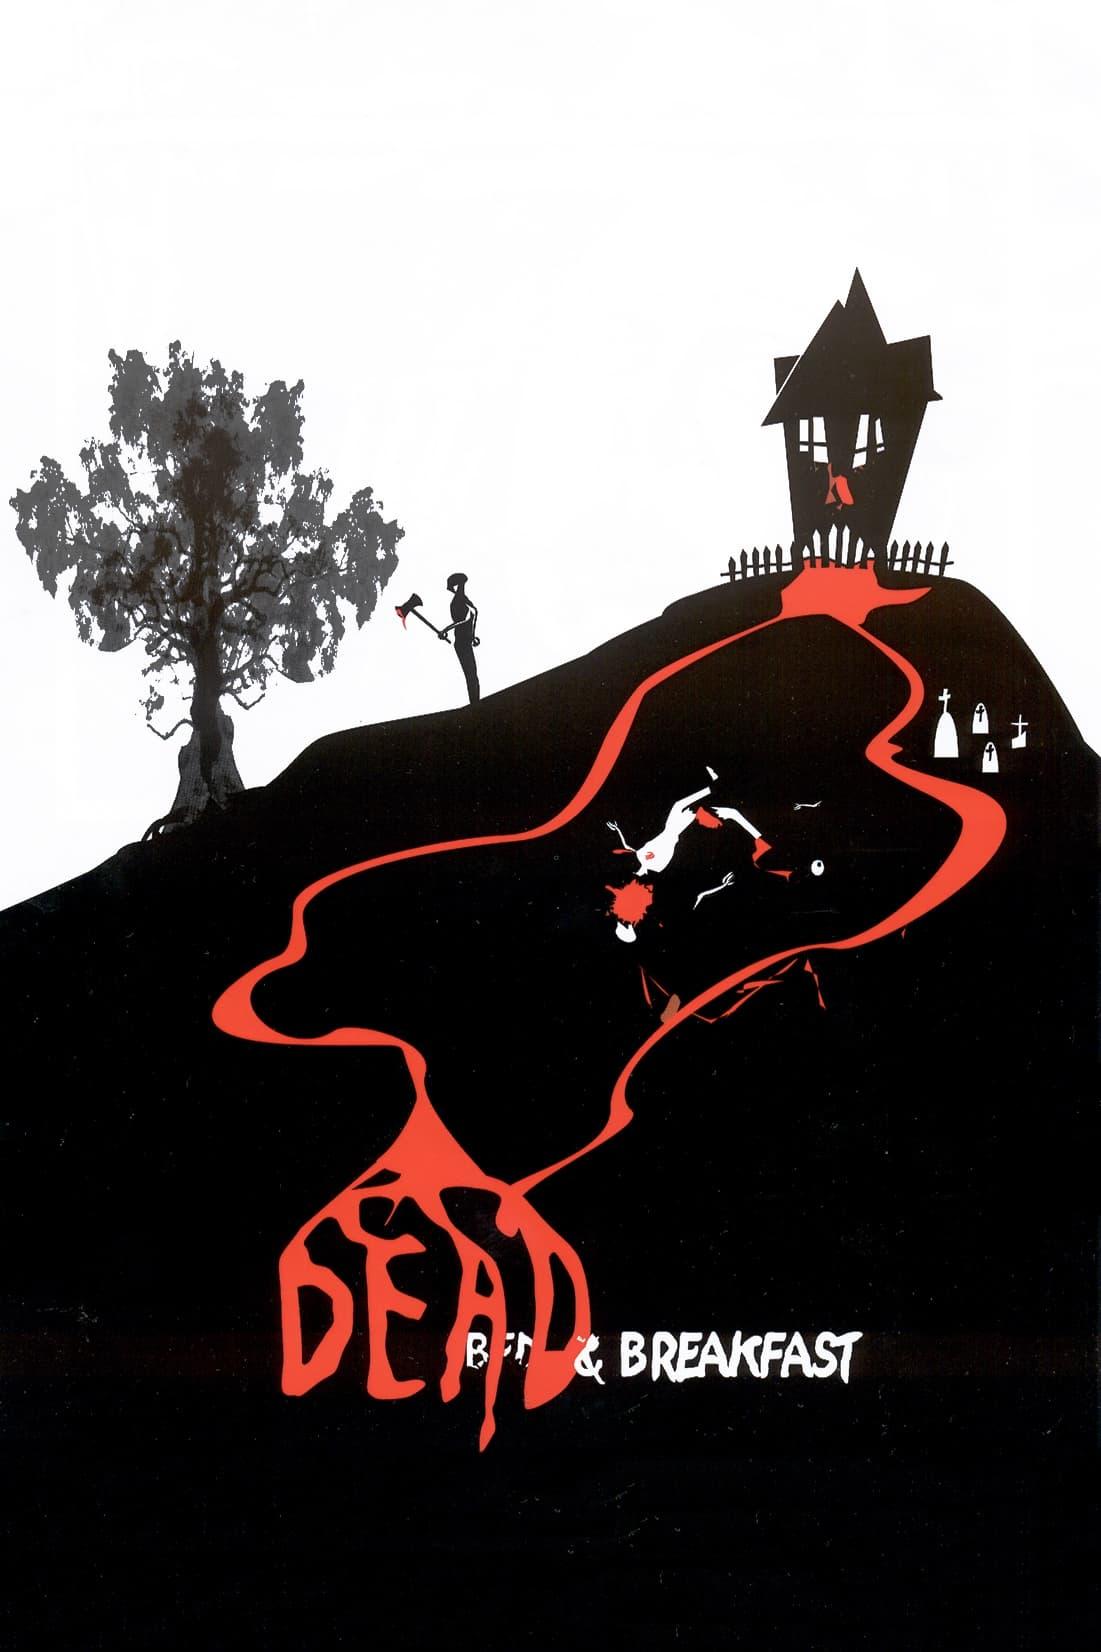 Muerte y desayuno